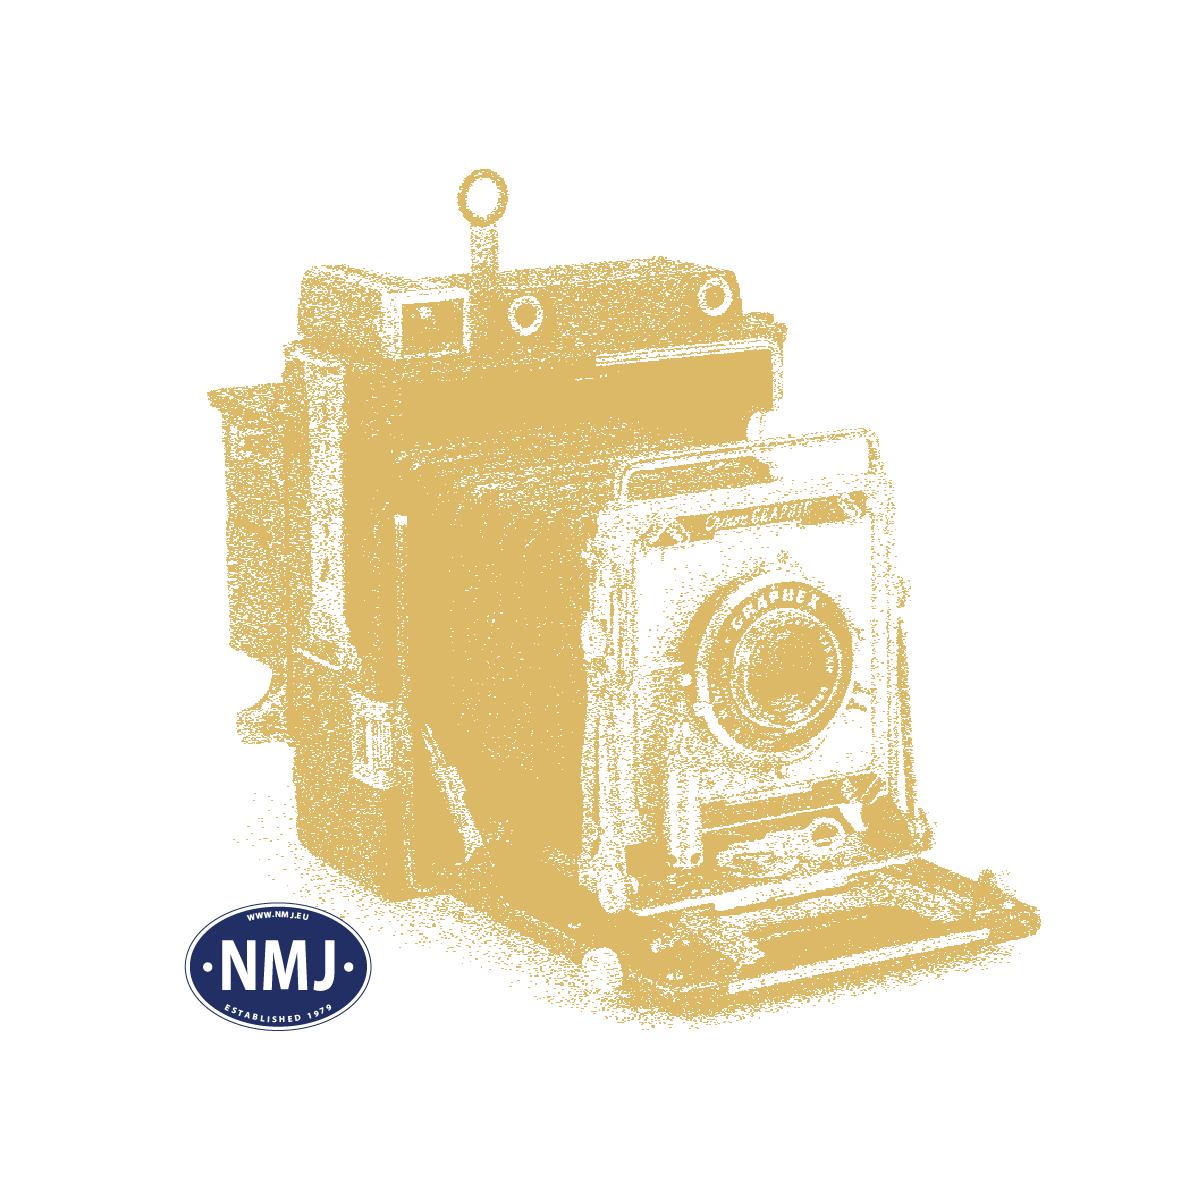 NJKBNKAL19 - NJK/BaneNor Railway Calendar 2019